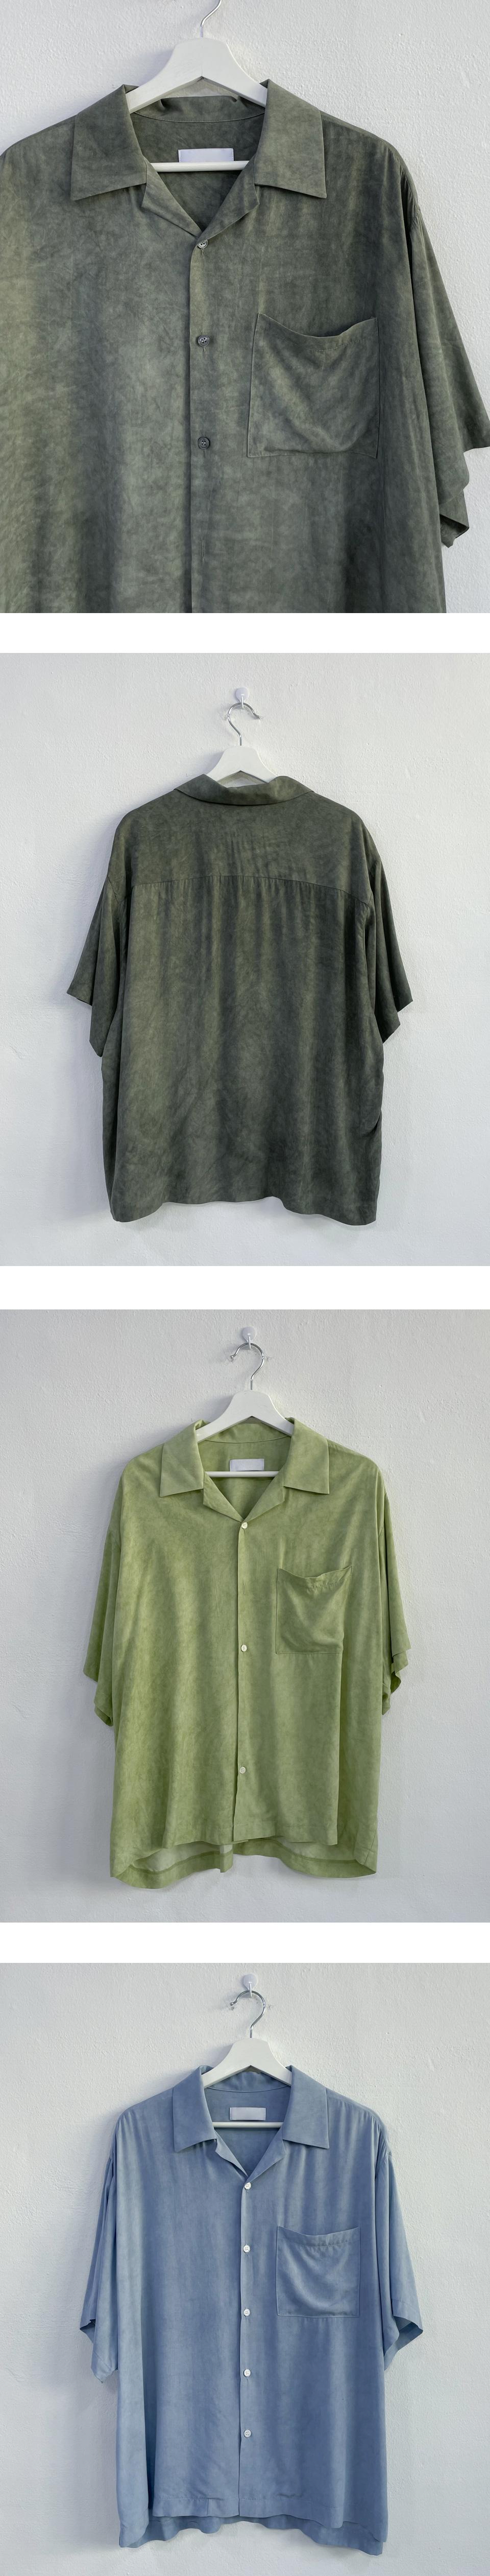 Dev water print open collar shirt